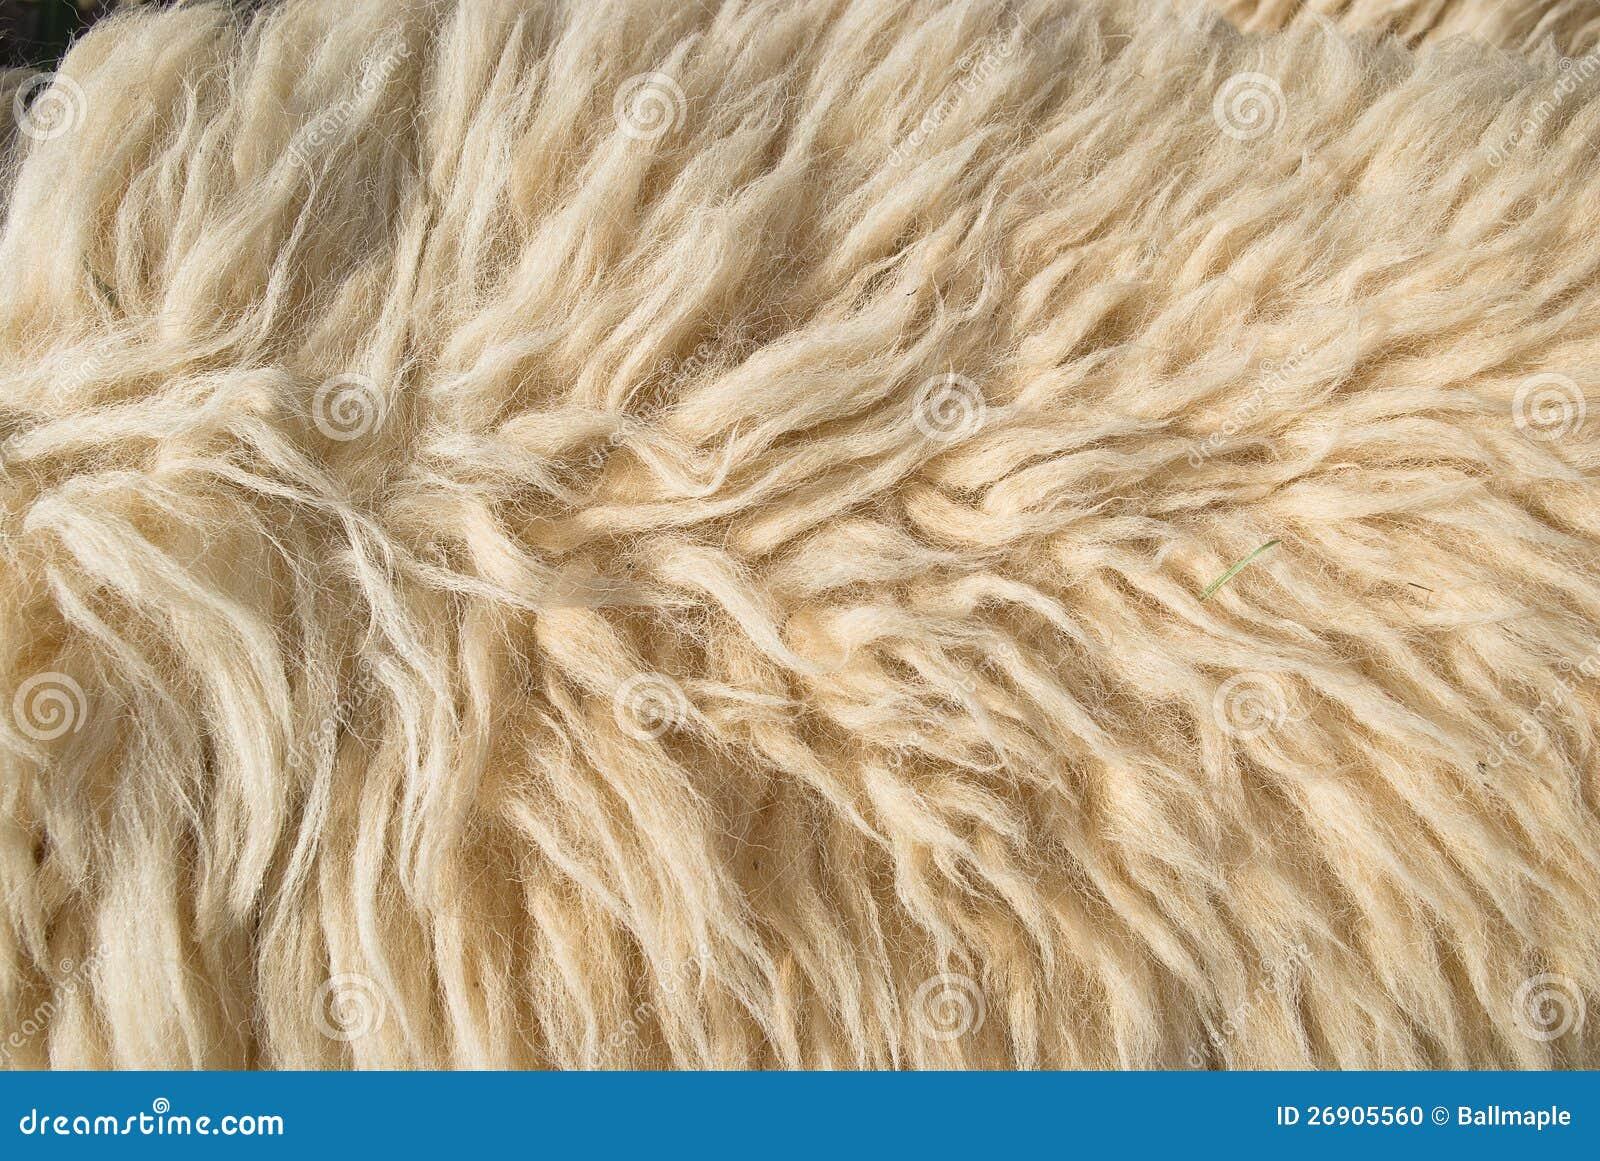 Sheep Wool Texture Www Pixshark Com Images Galleries